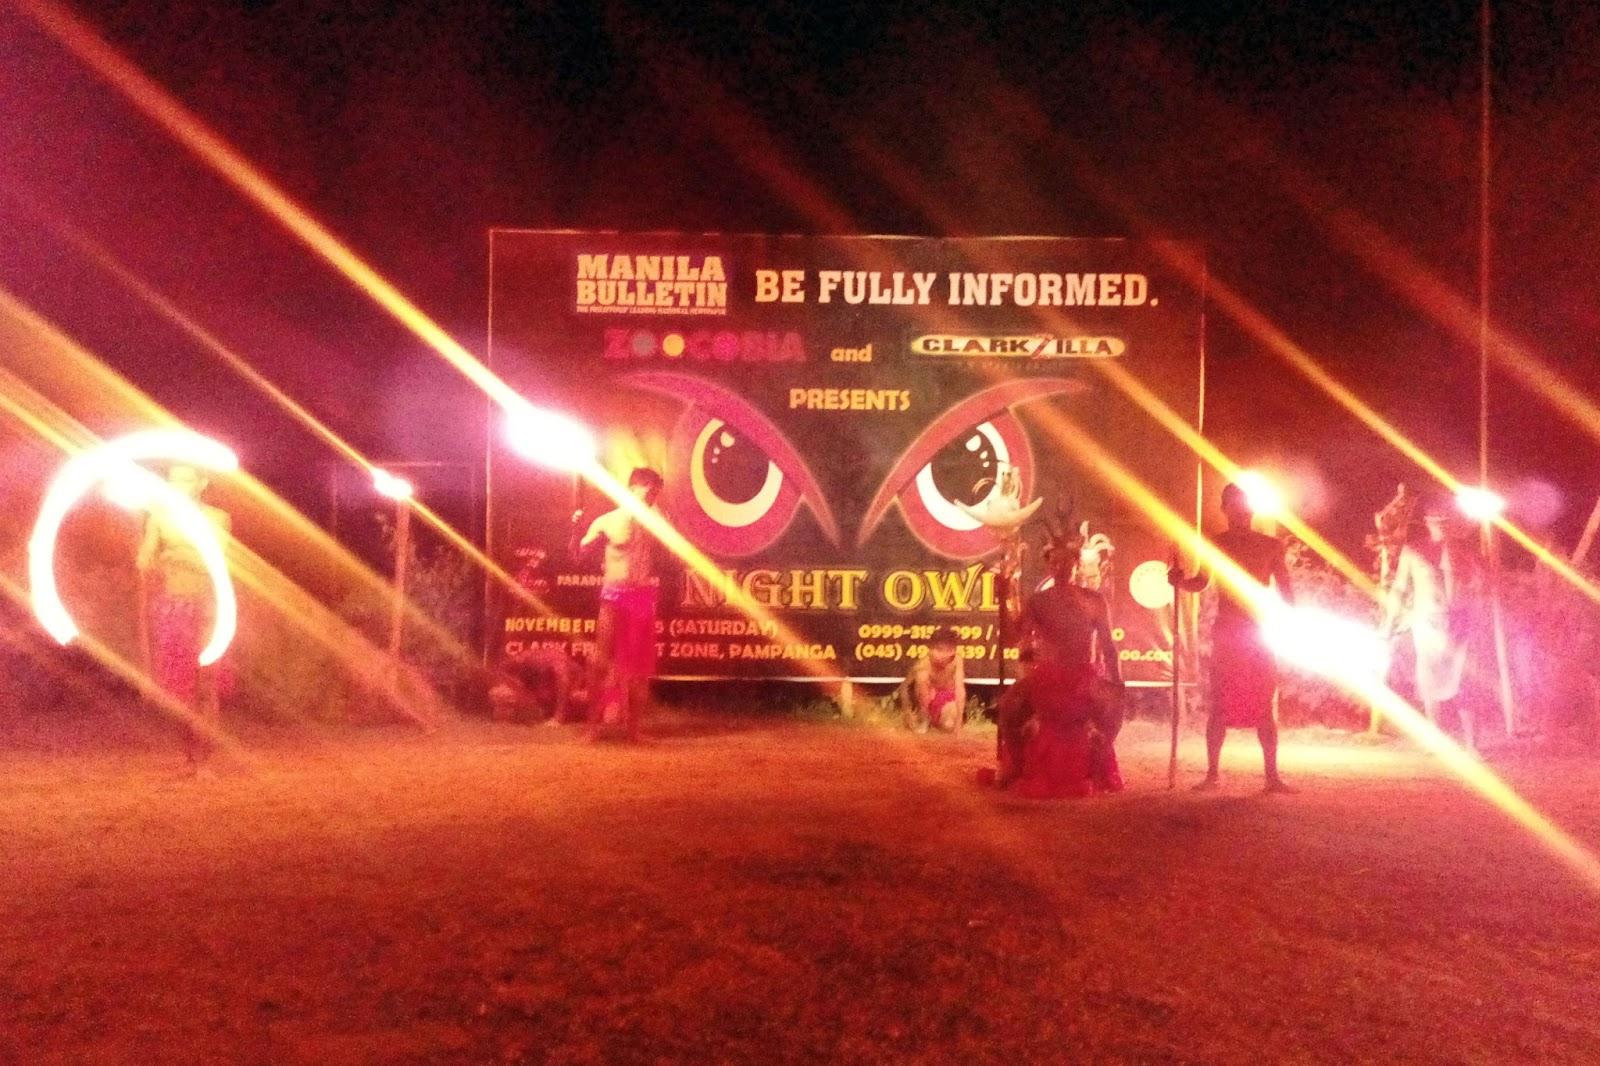 zoocobia-fun-zoo-night-owl-show-clark